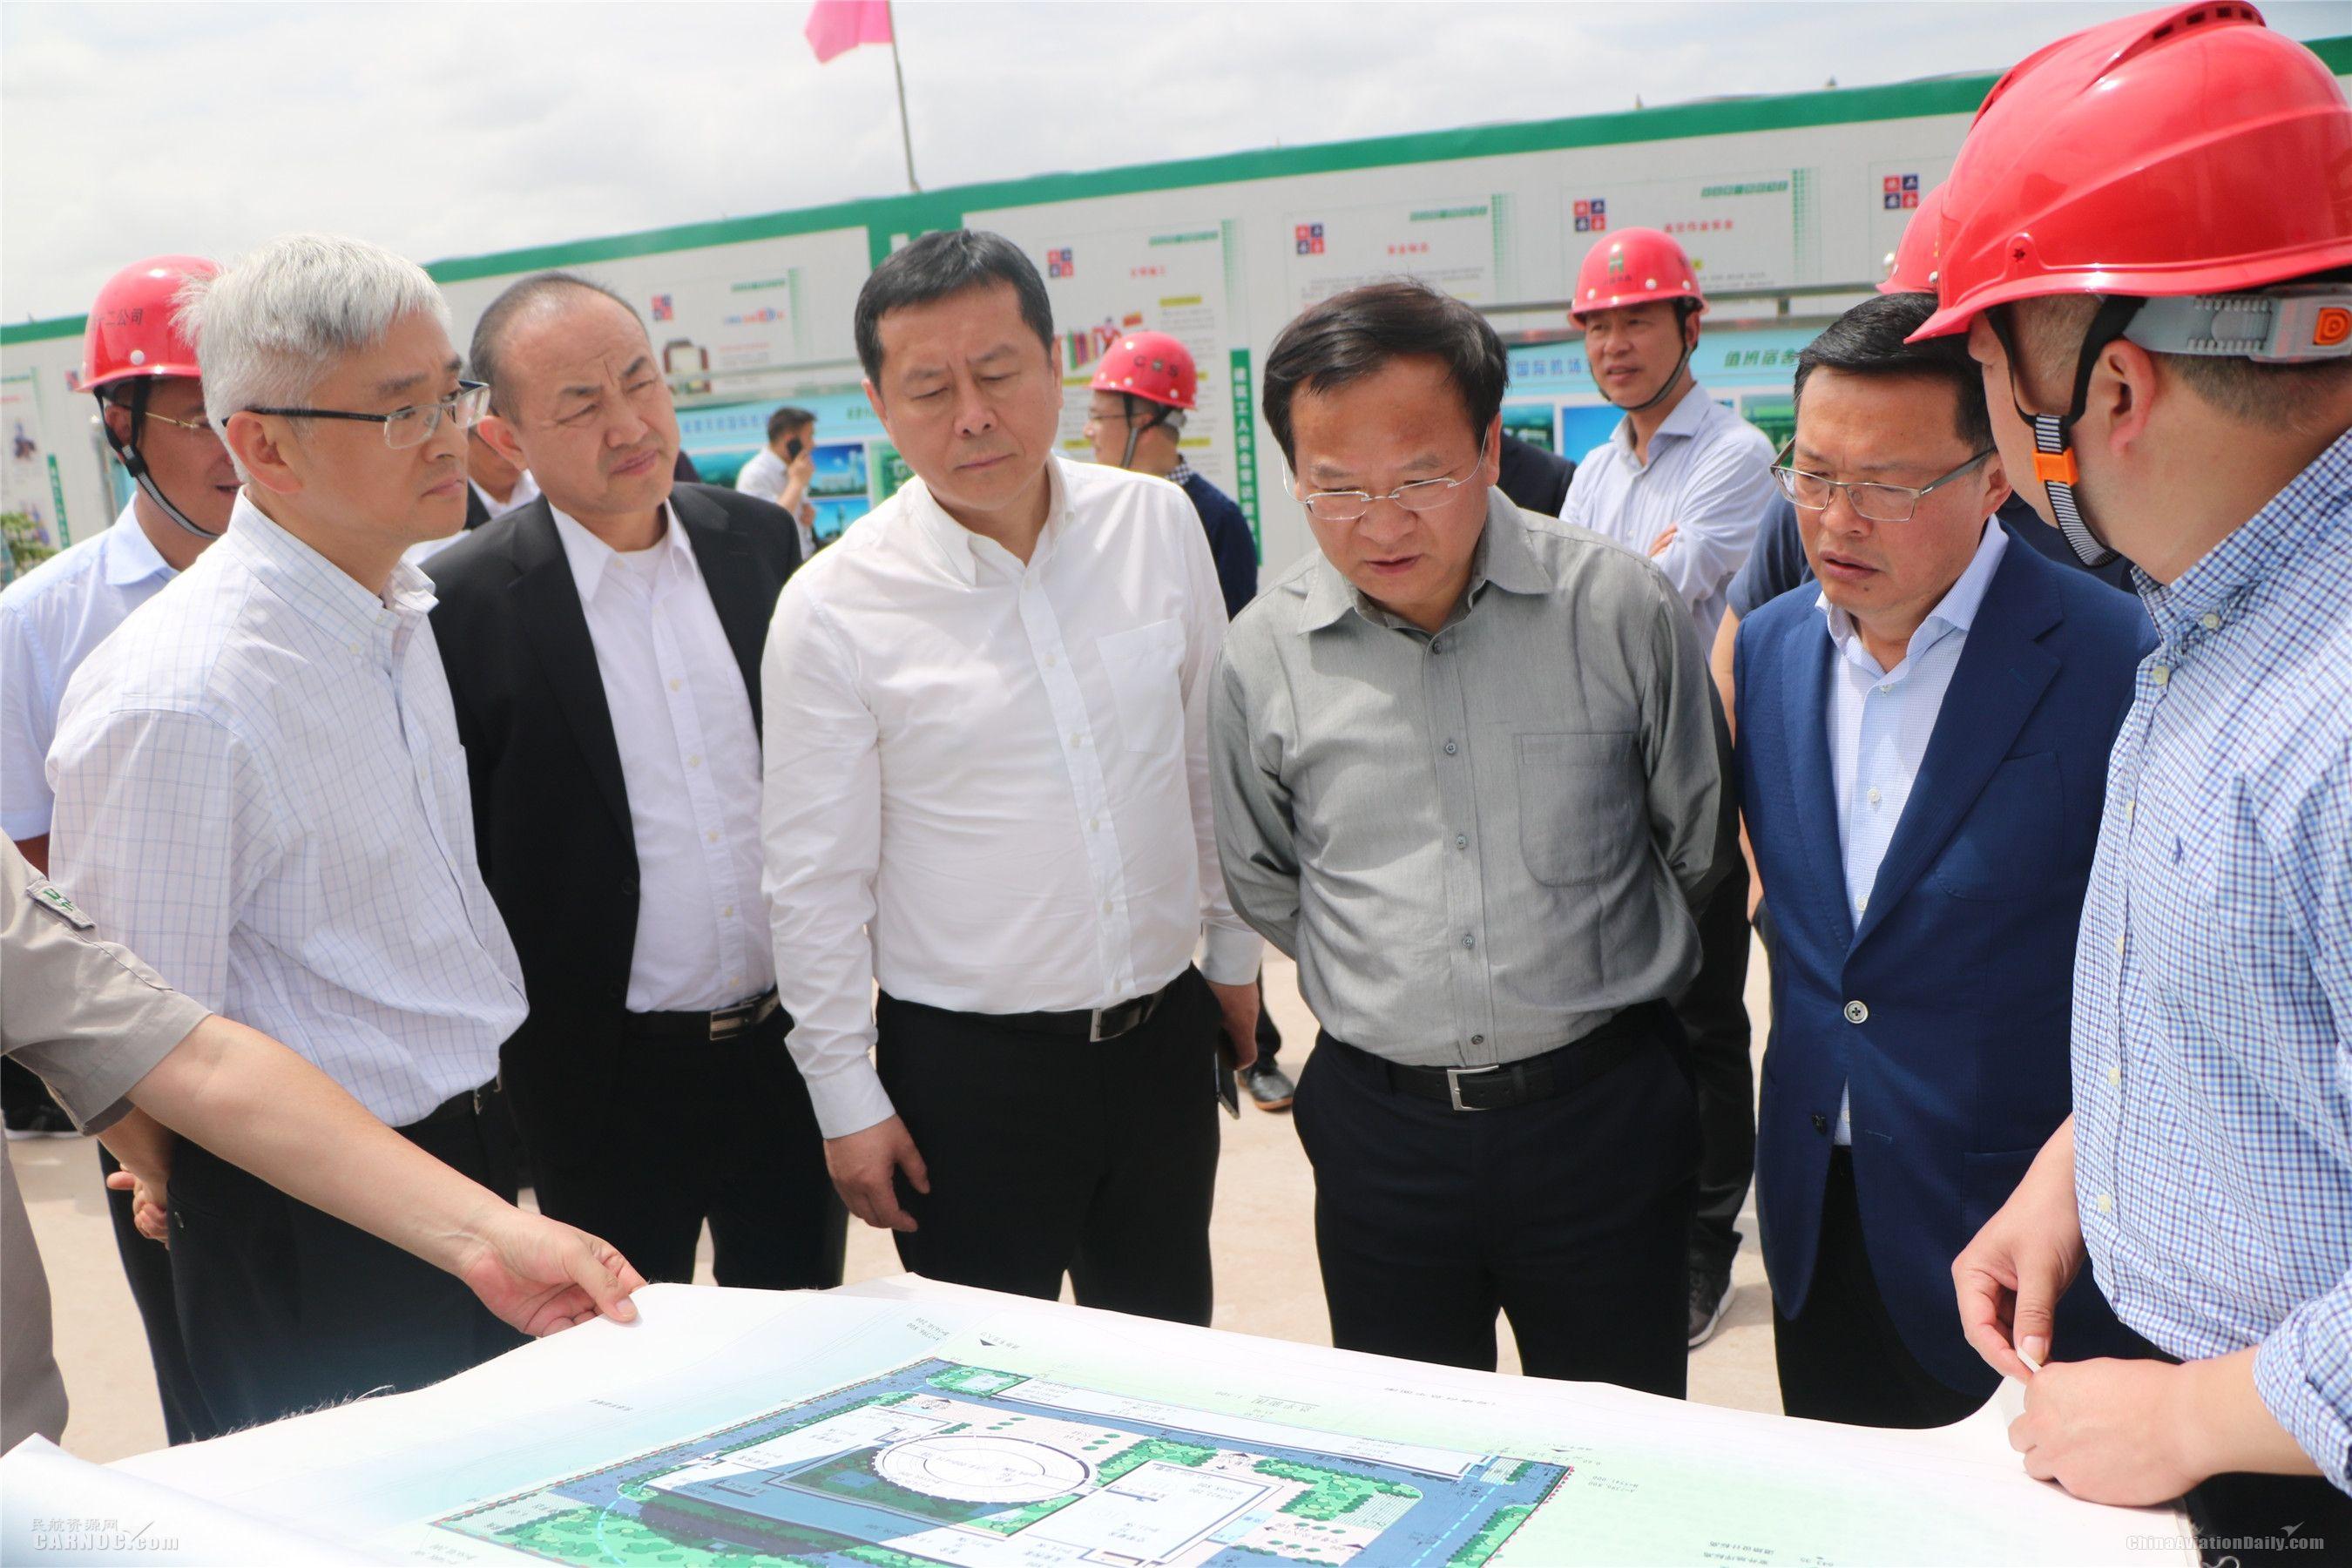 四川省副省长视察成都天府机场空管工程项目